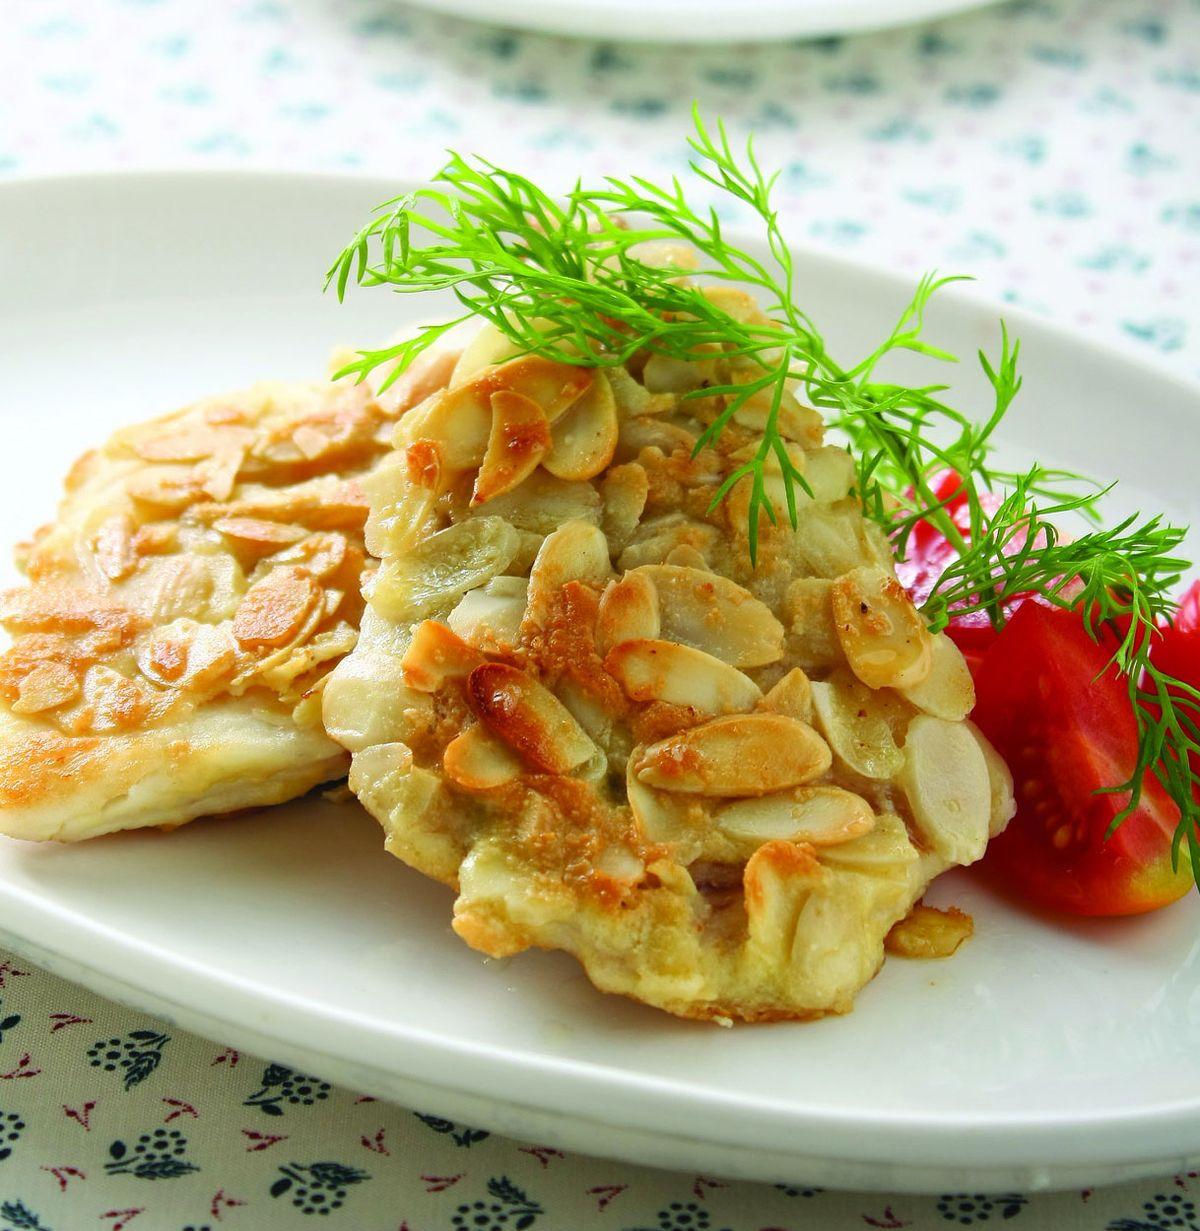 食譜:杏仁煎魚片